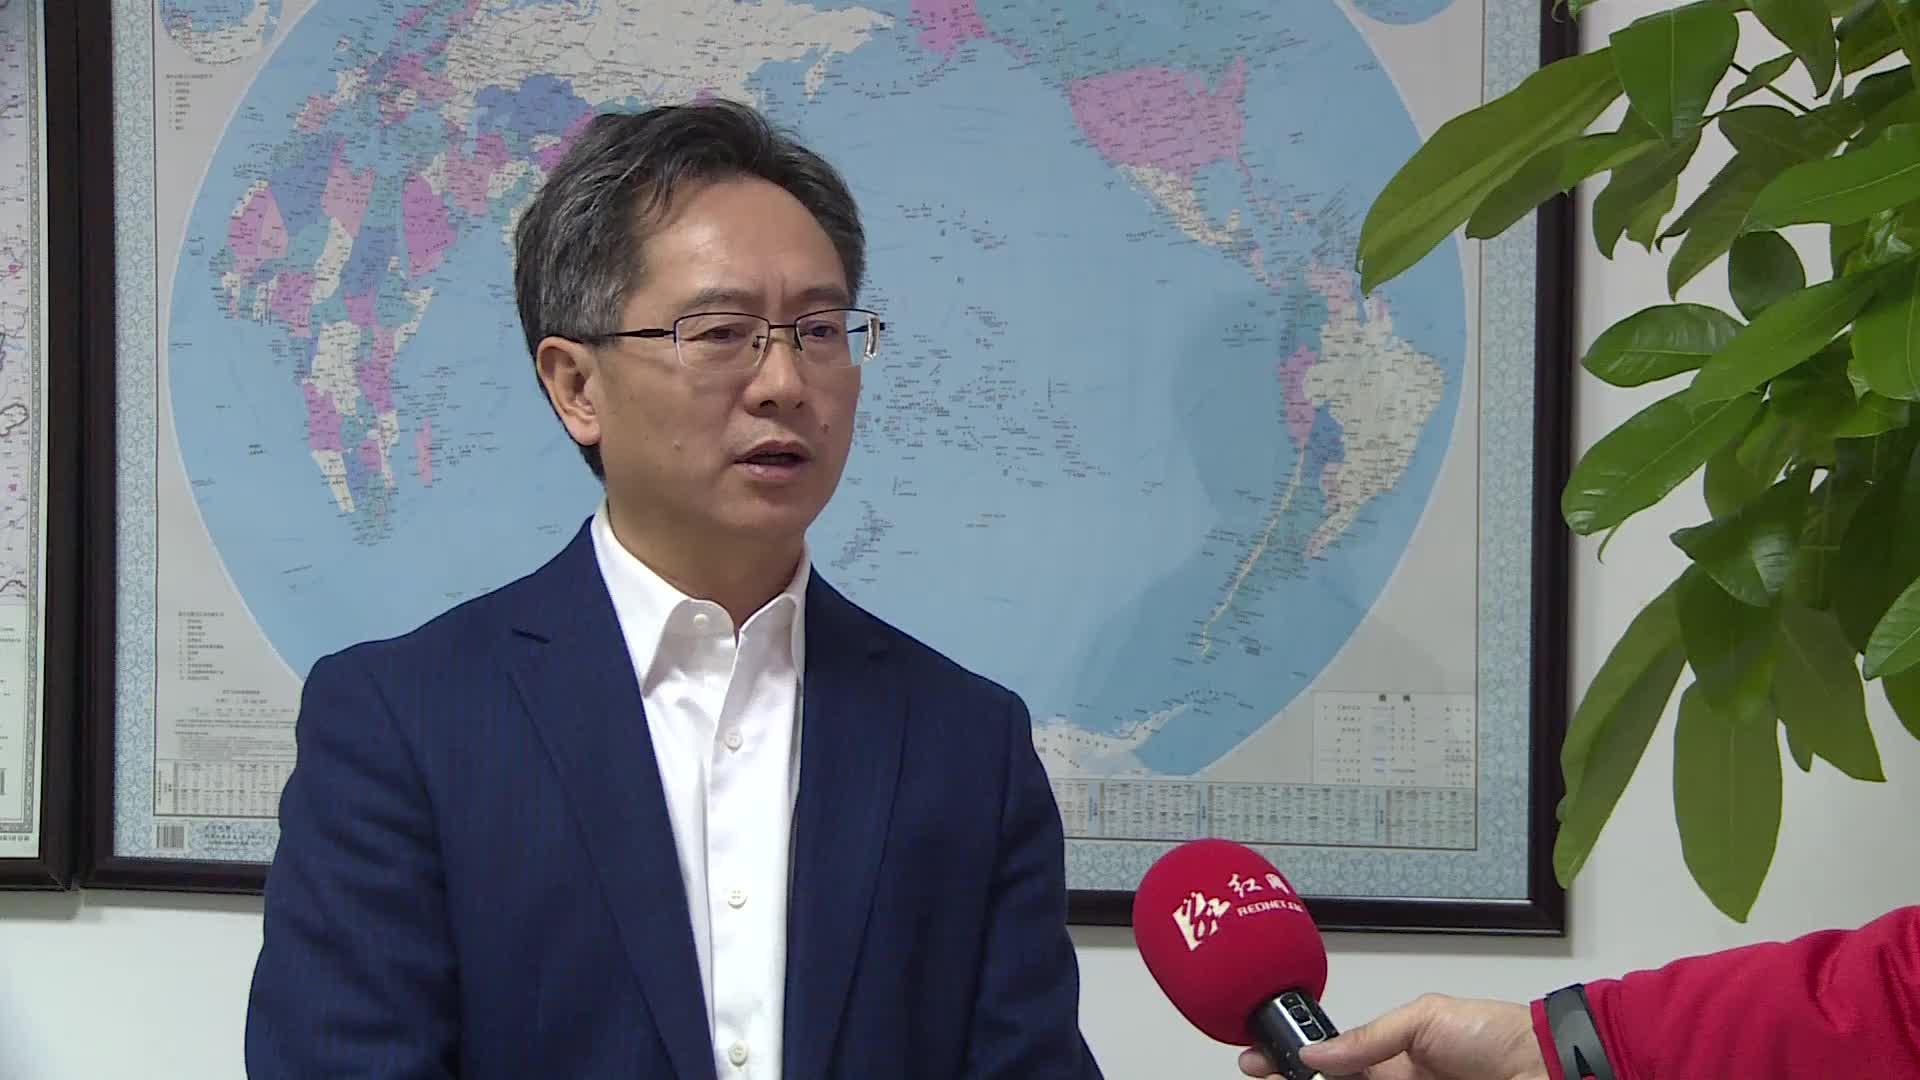 【专访】李志坚:5G功能多  期待远大于担忧